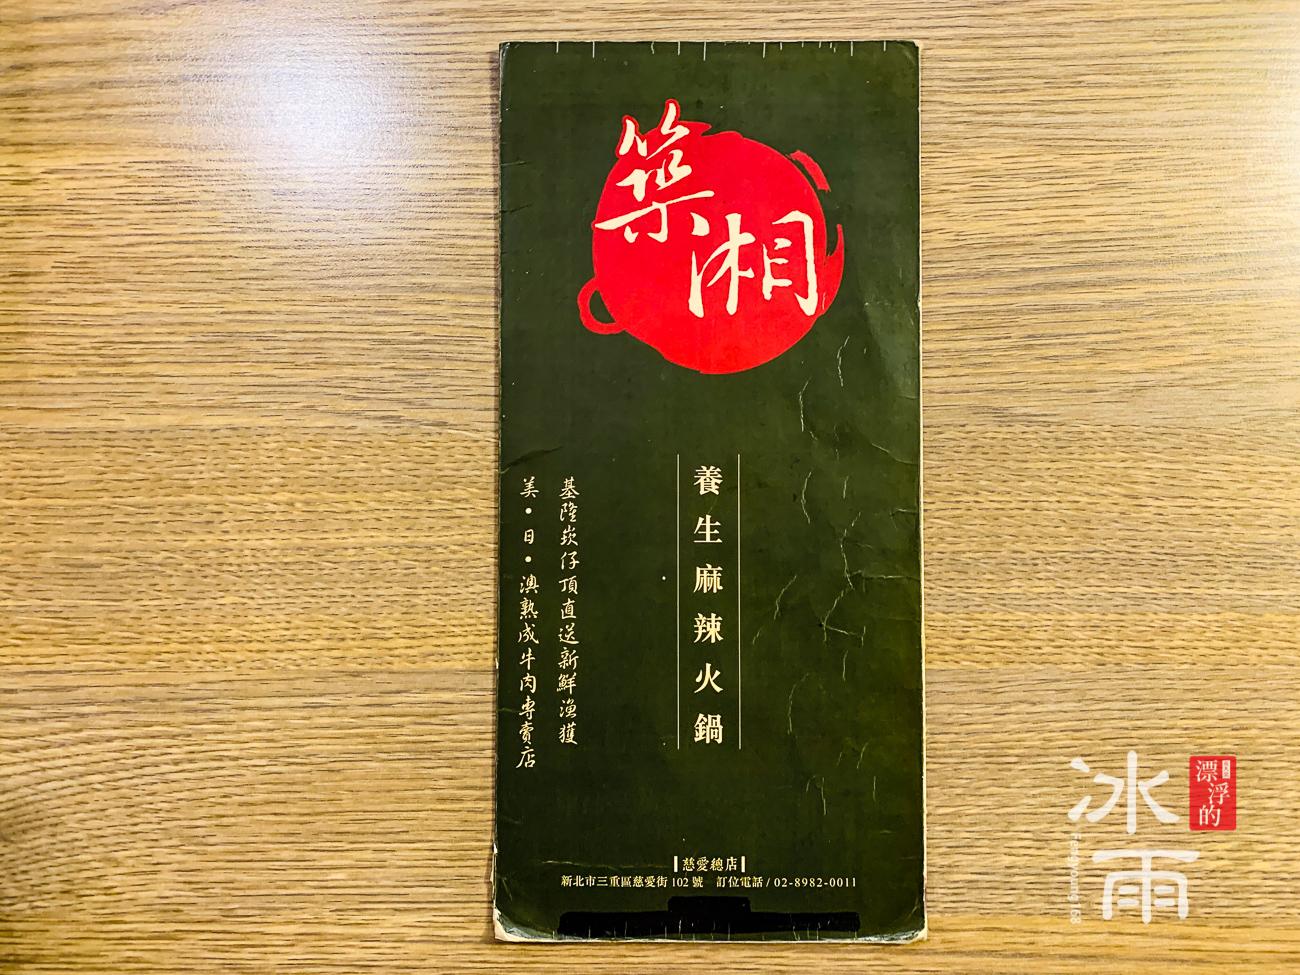 築湘養生麻辣火鍋店|菜單1